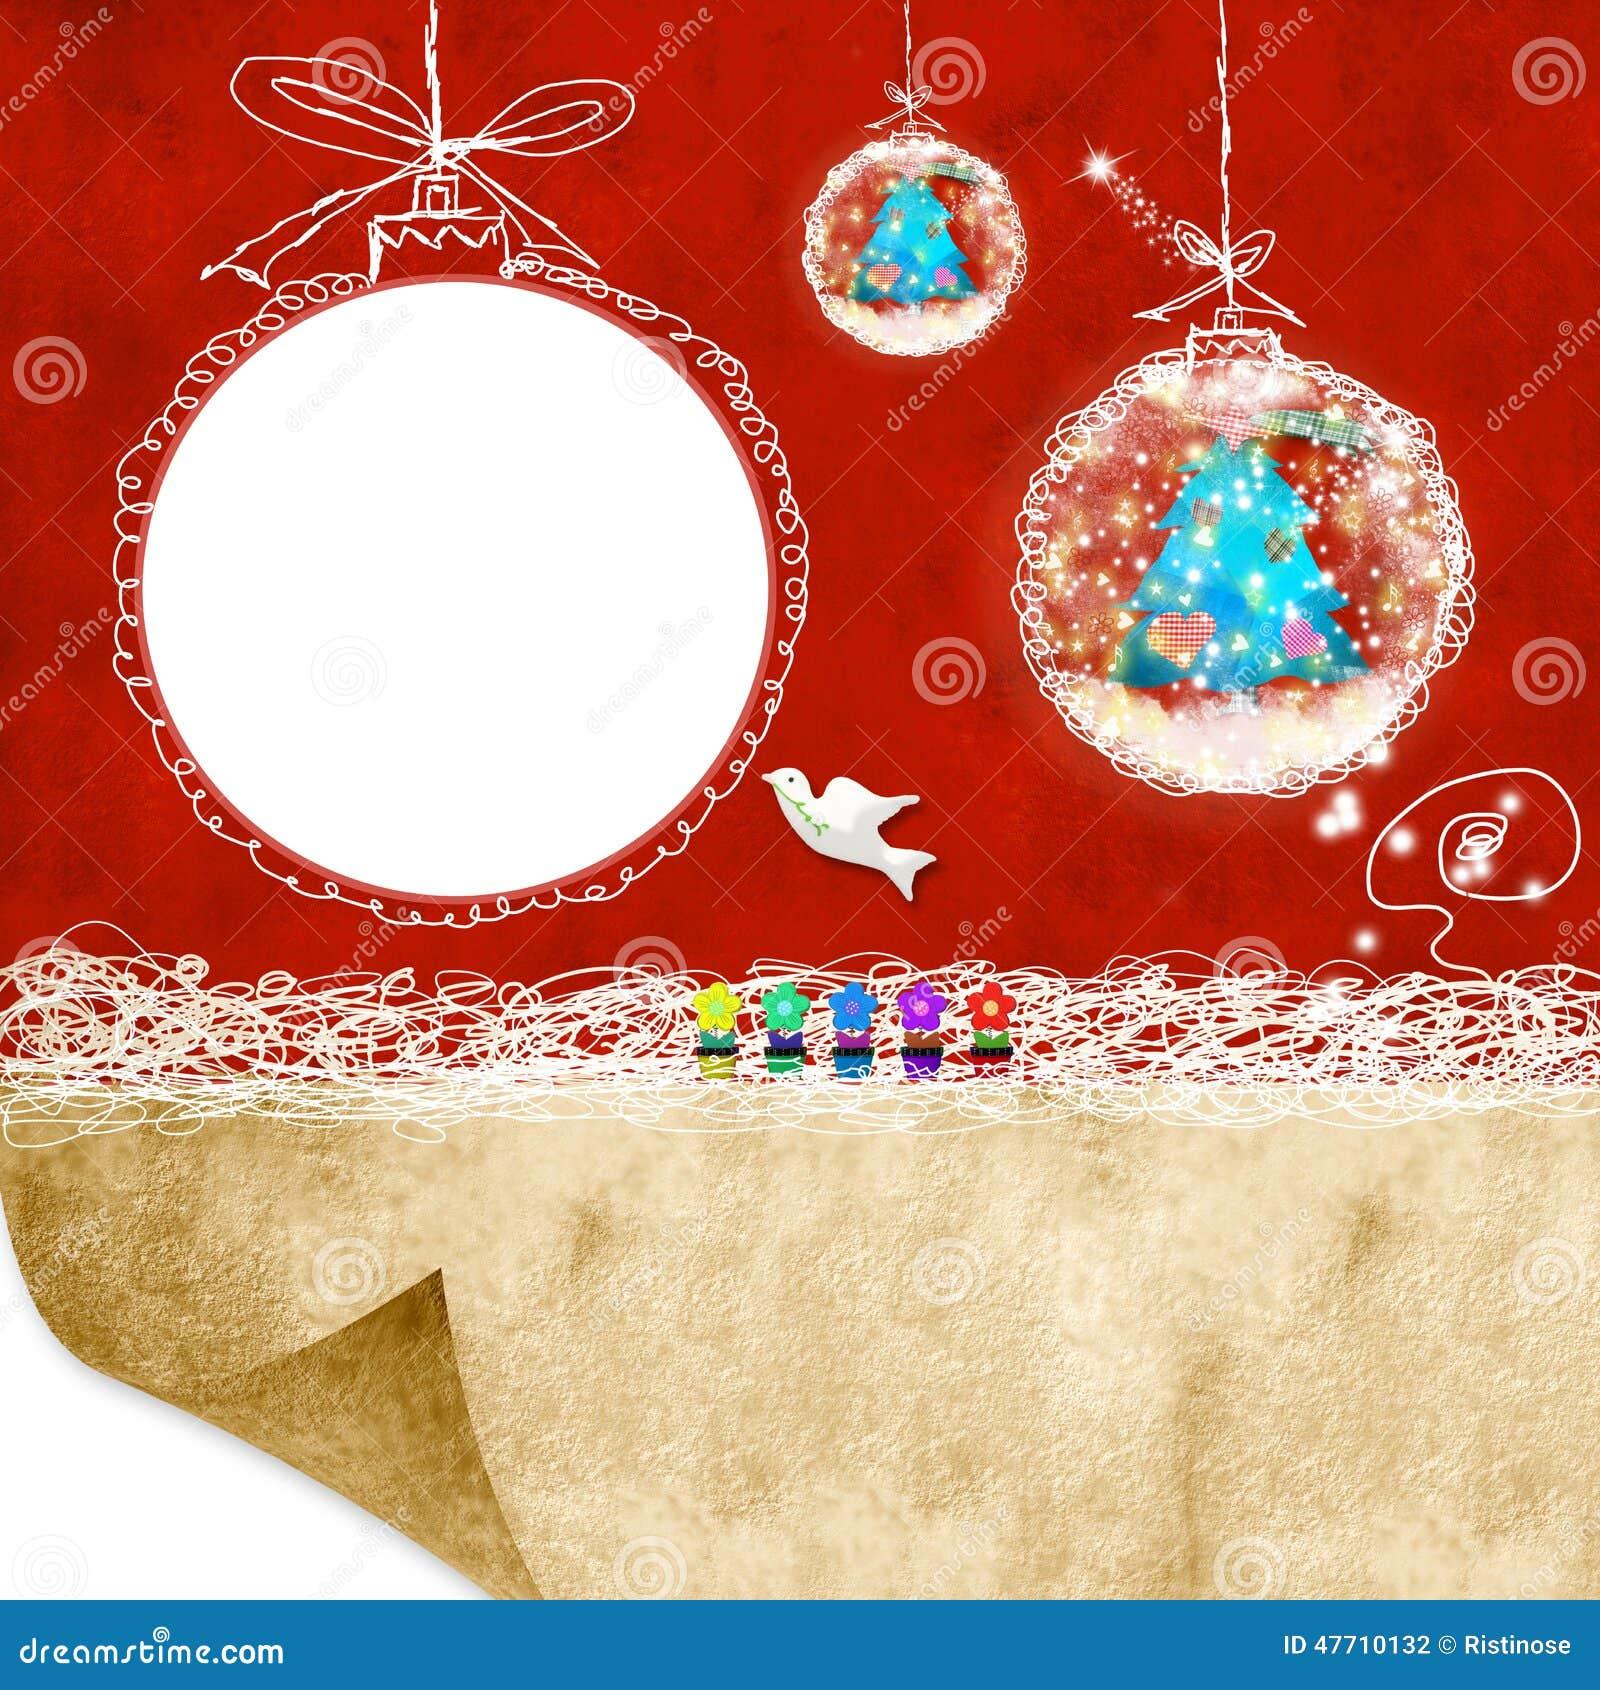 Das photoframe der weihnachtskarten kinder stockfoto bild von geschenk speicher 47710132 - Weihnachtskarten download ...